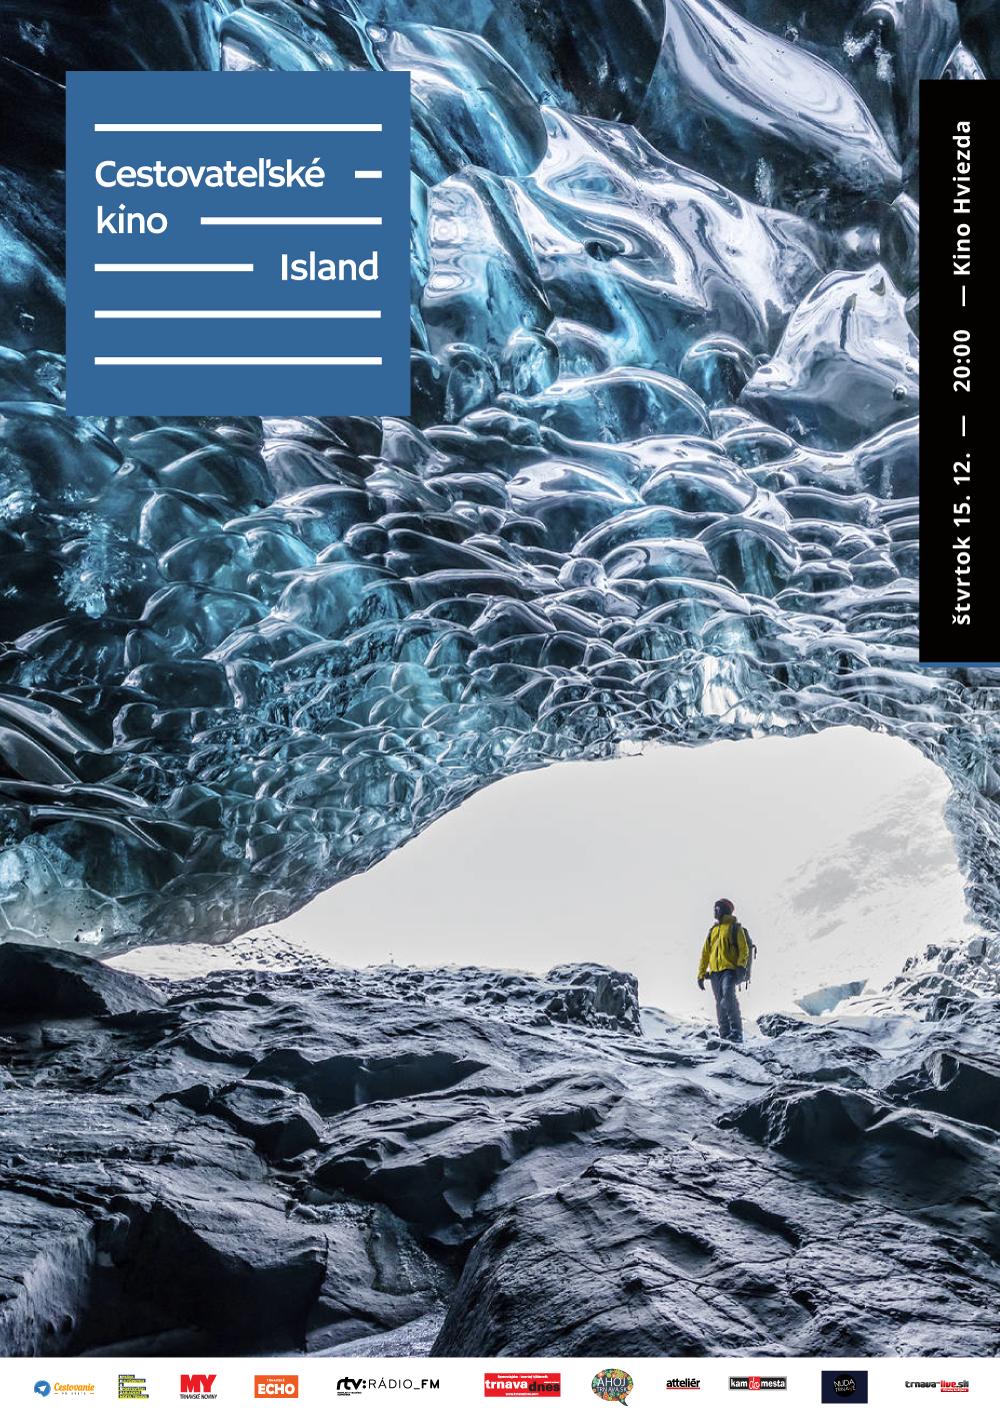 O Islande, jeho mystických príbehoch aj nádhernej prírode porozpráva Cestovateľské kino